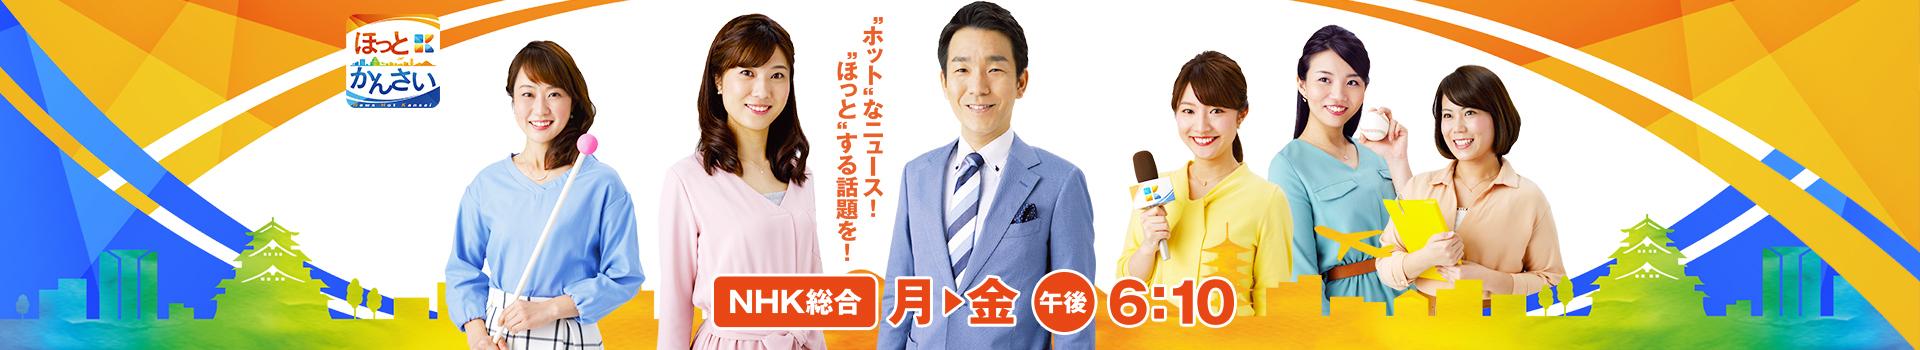 6月13日 午後6時10分からのNHK総合 ニュースほっと関西に生出演いたします。